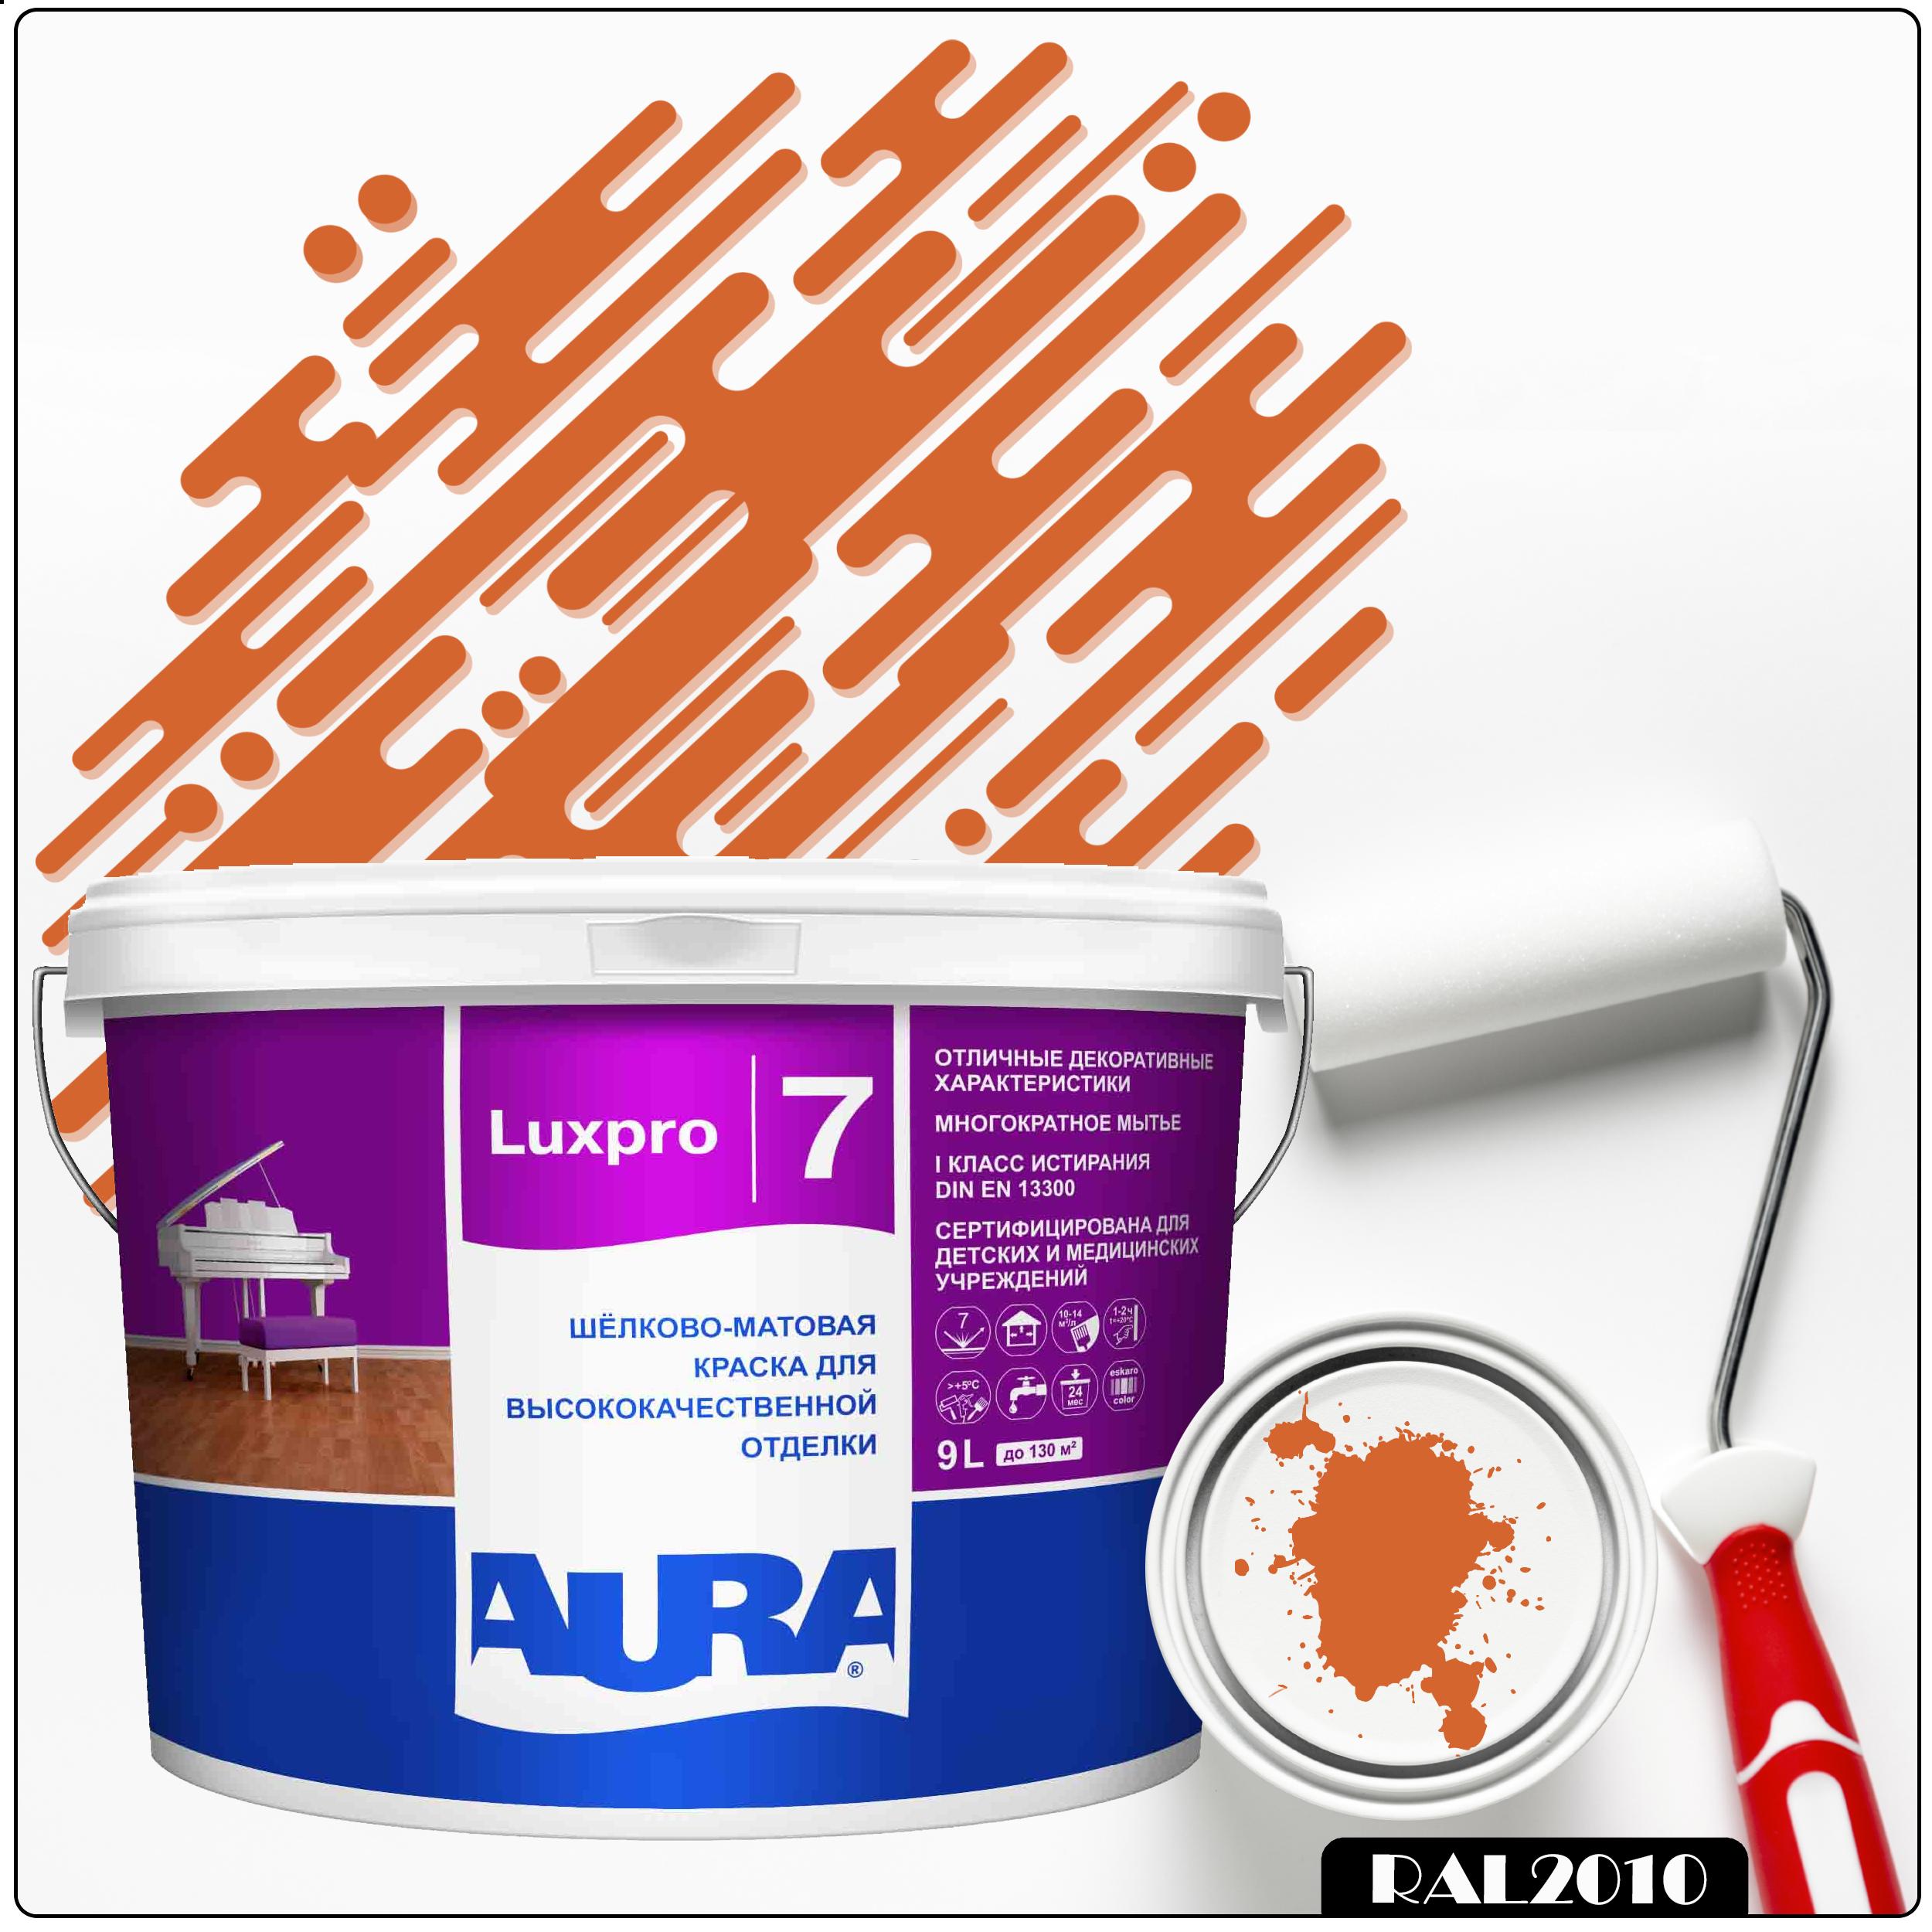 Фото 8 - Краска Aura LuxPRO 7, RAL 2010 Сигнальный-оранжевый, латексная, шелково-матовая, интерьерная, 9л, Аура.